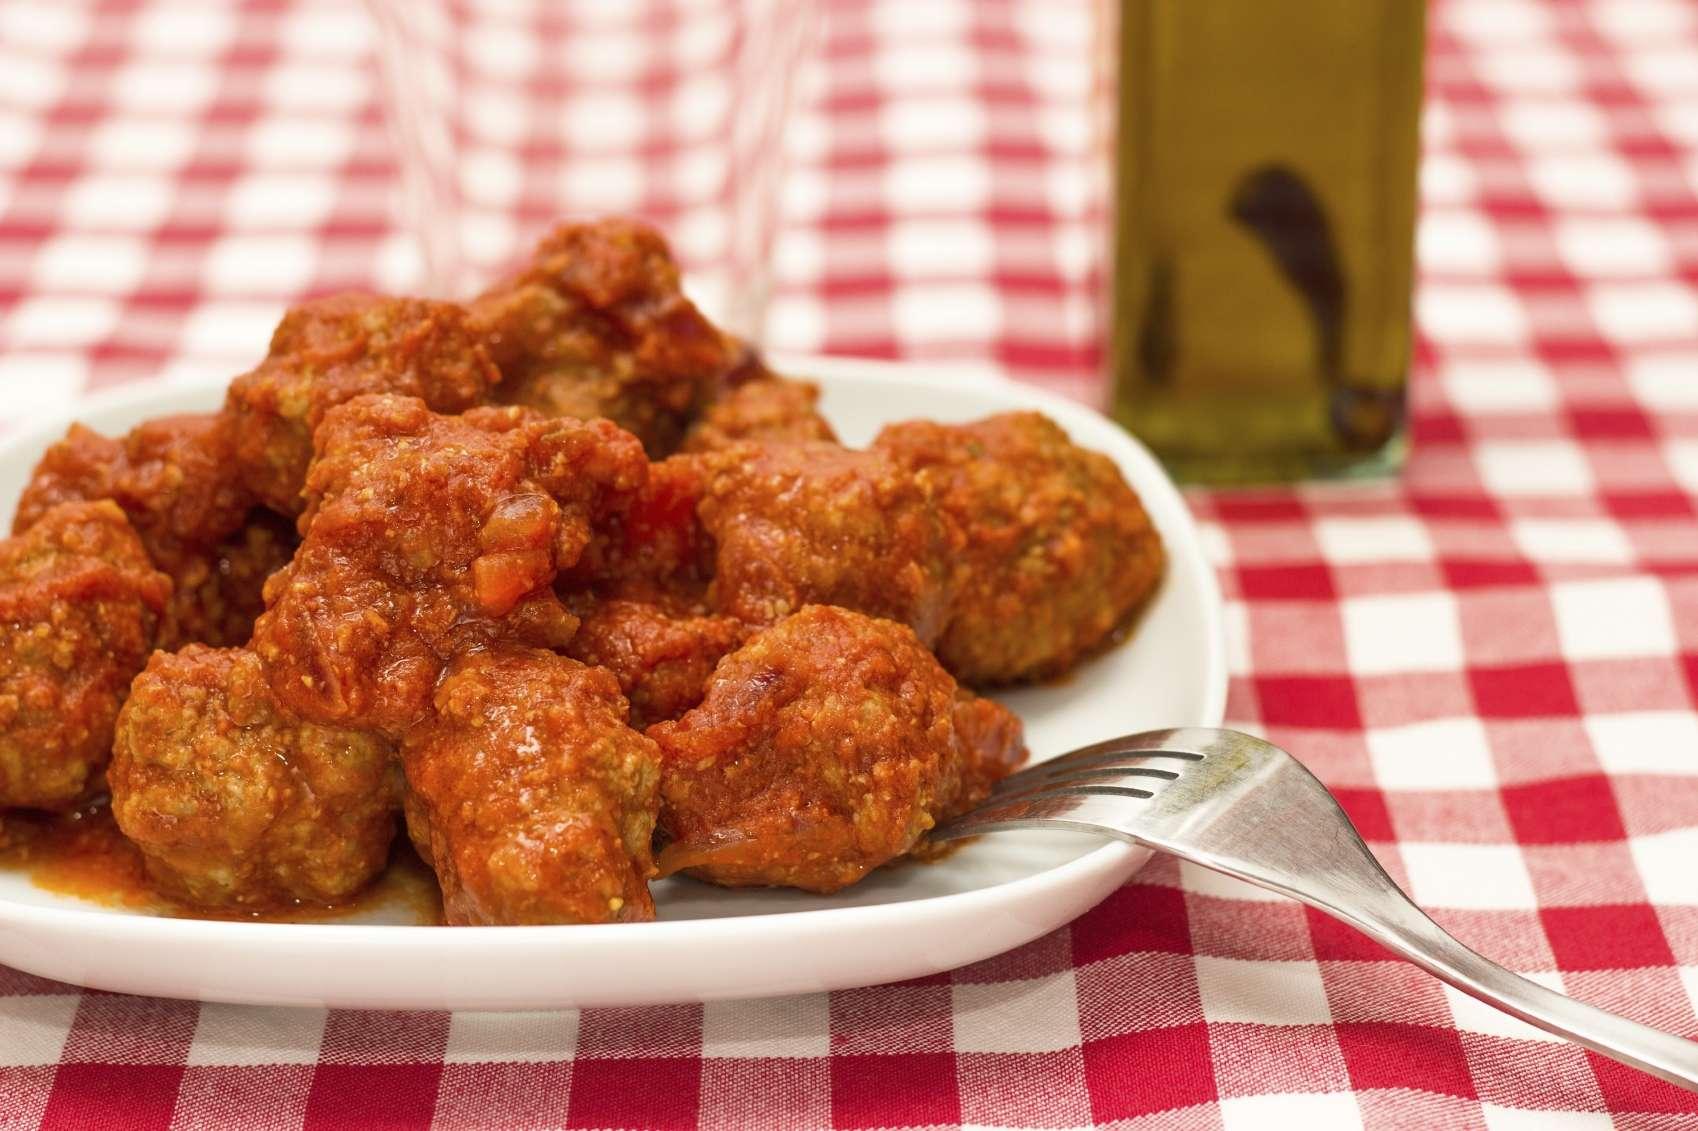 Las albóndigas con salsa búfalo son fáciles de comer y muy adictivas. Foto: iStock